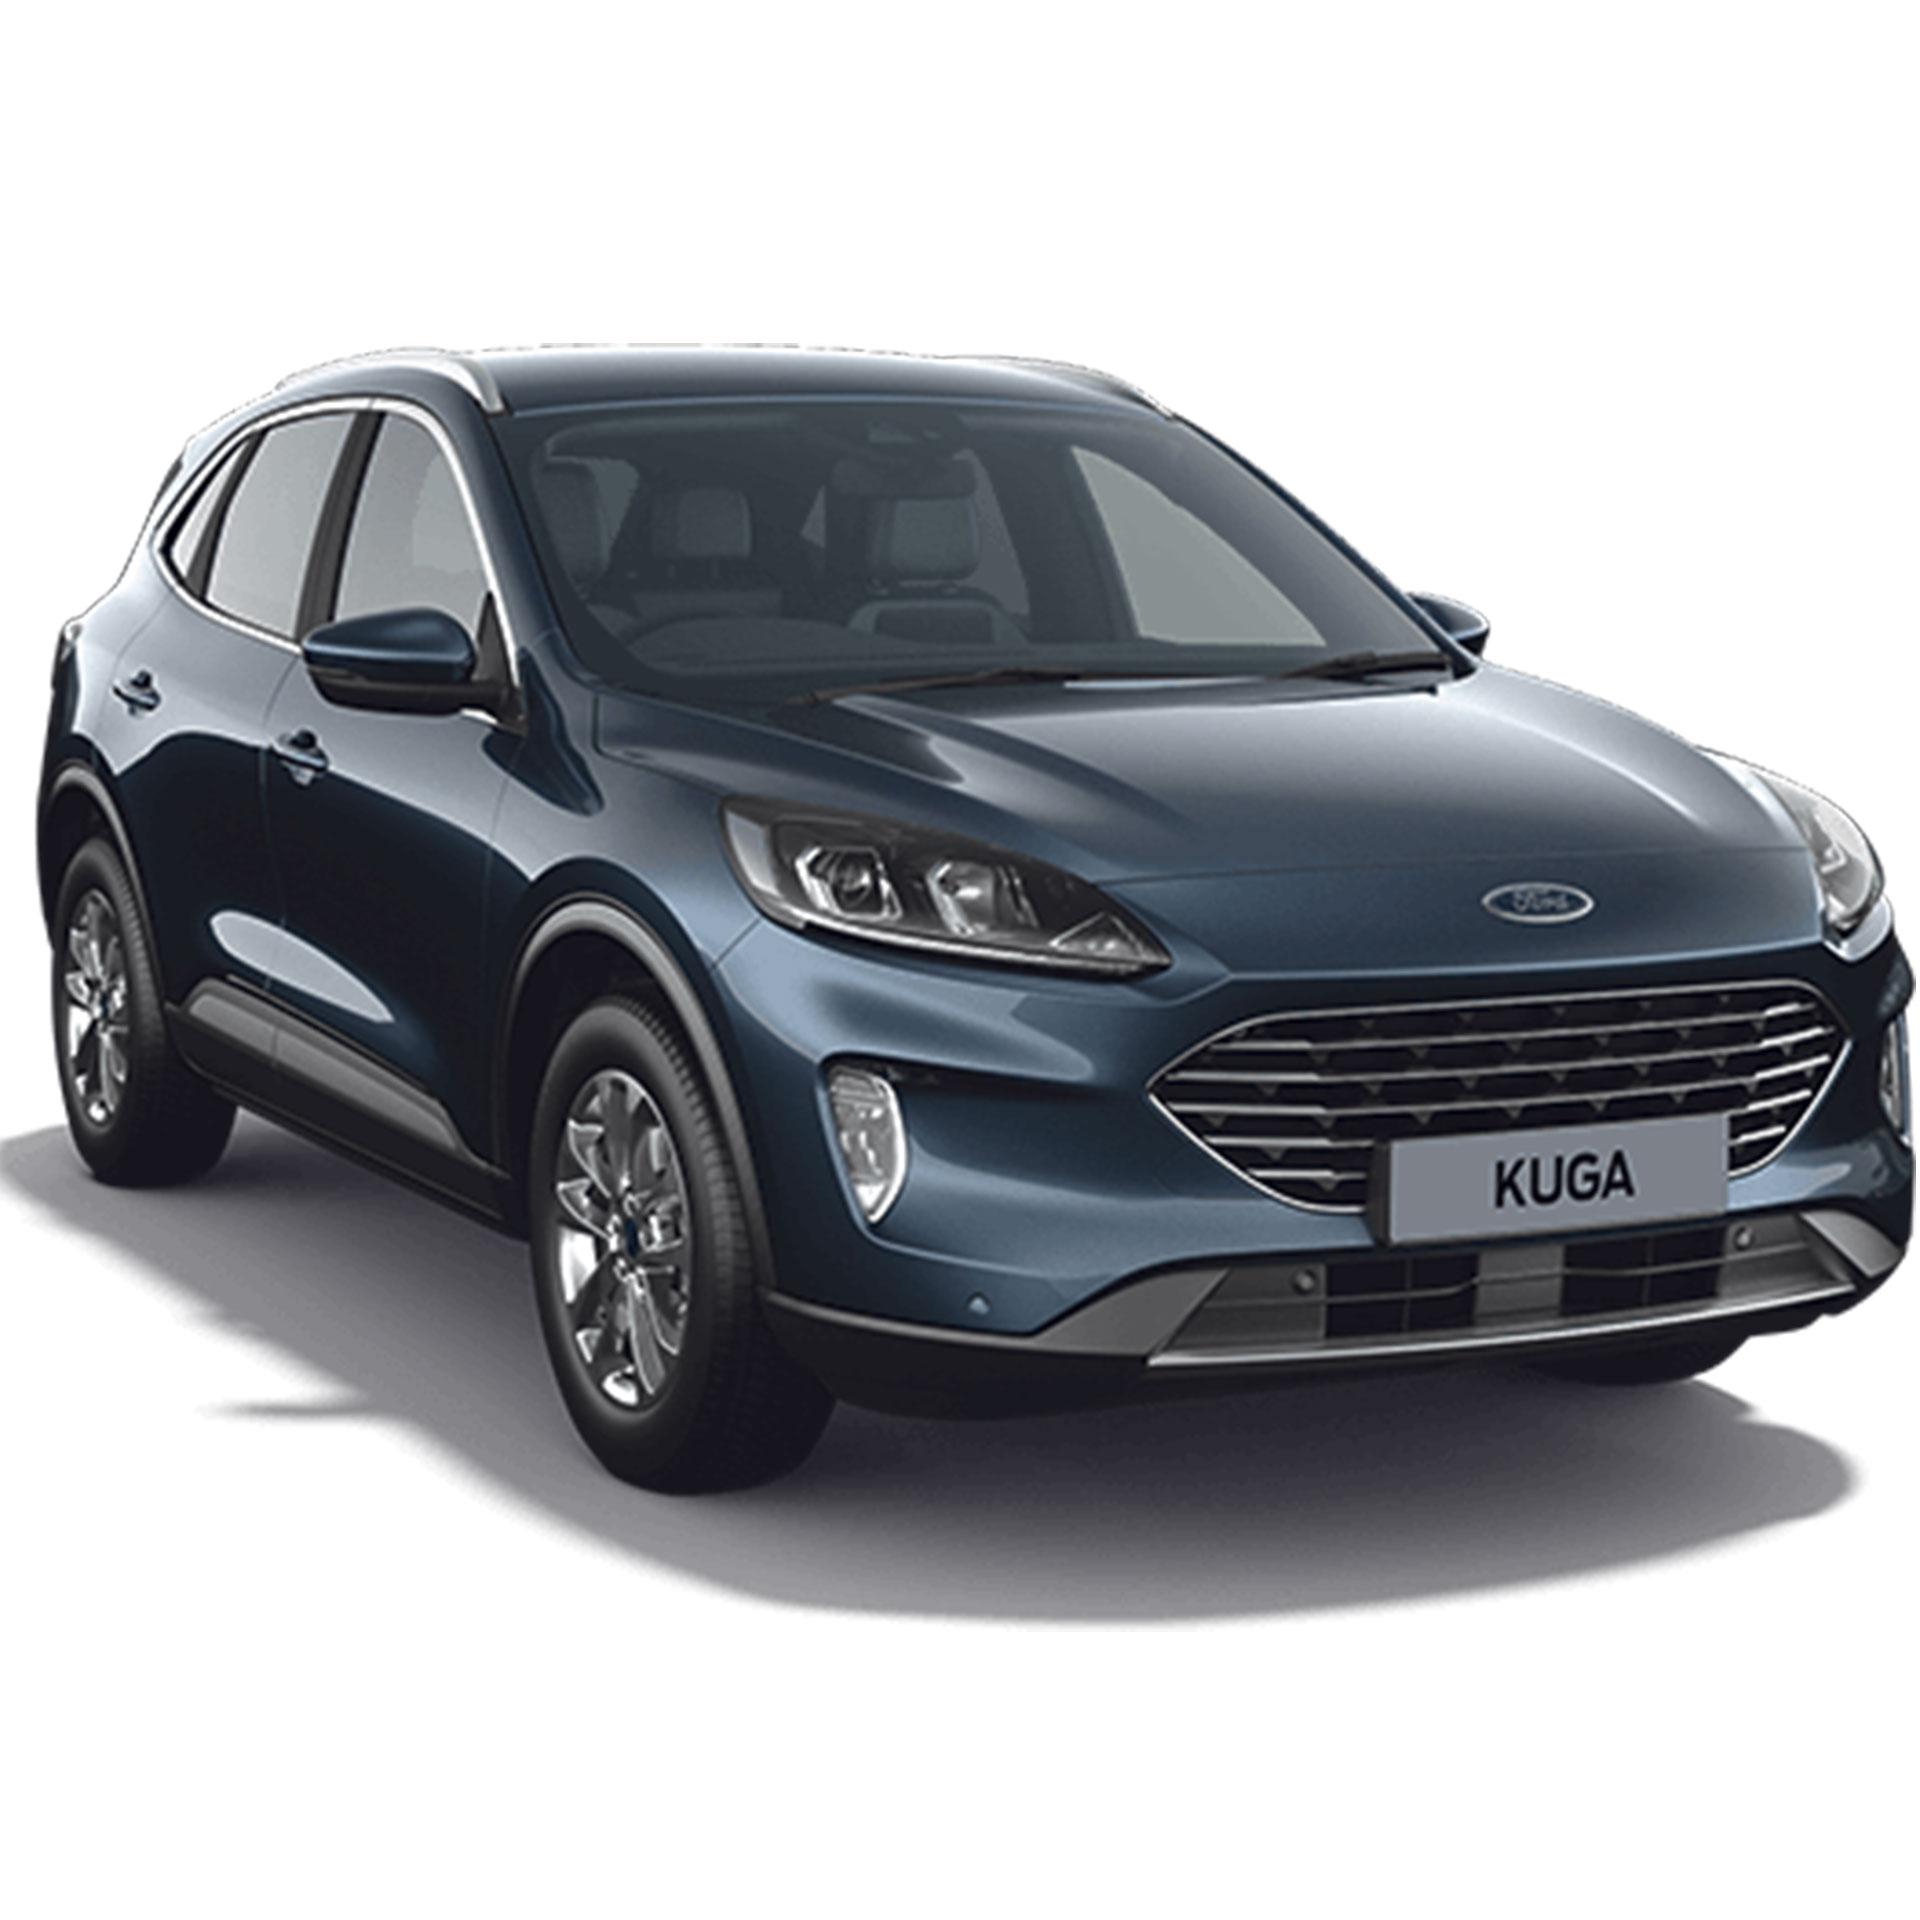 Ford Kuga 2019 Onwards